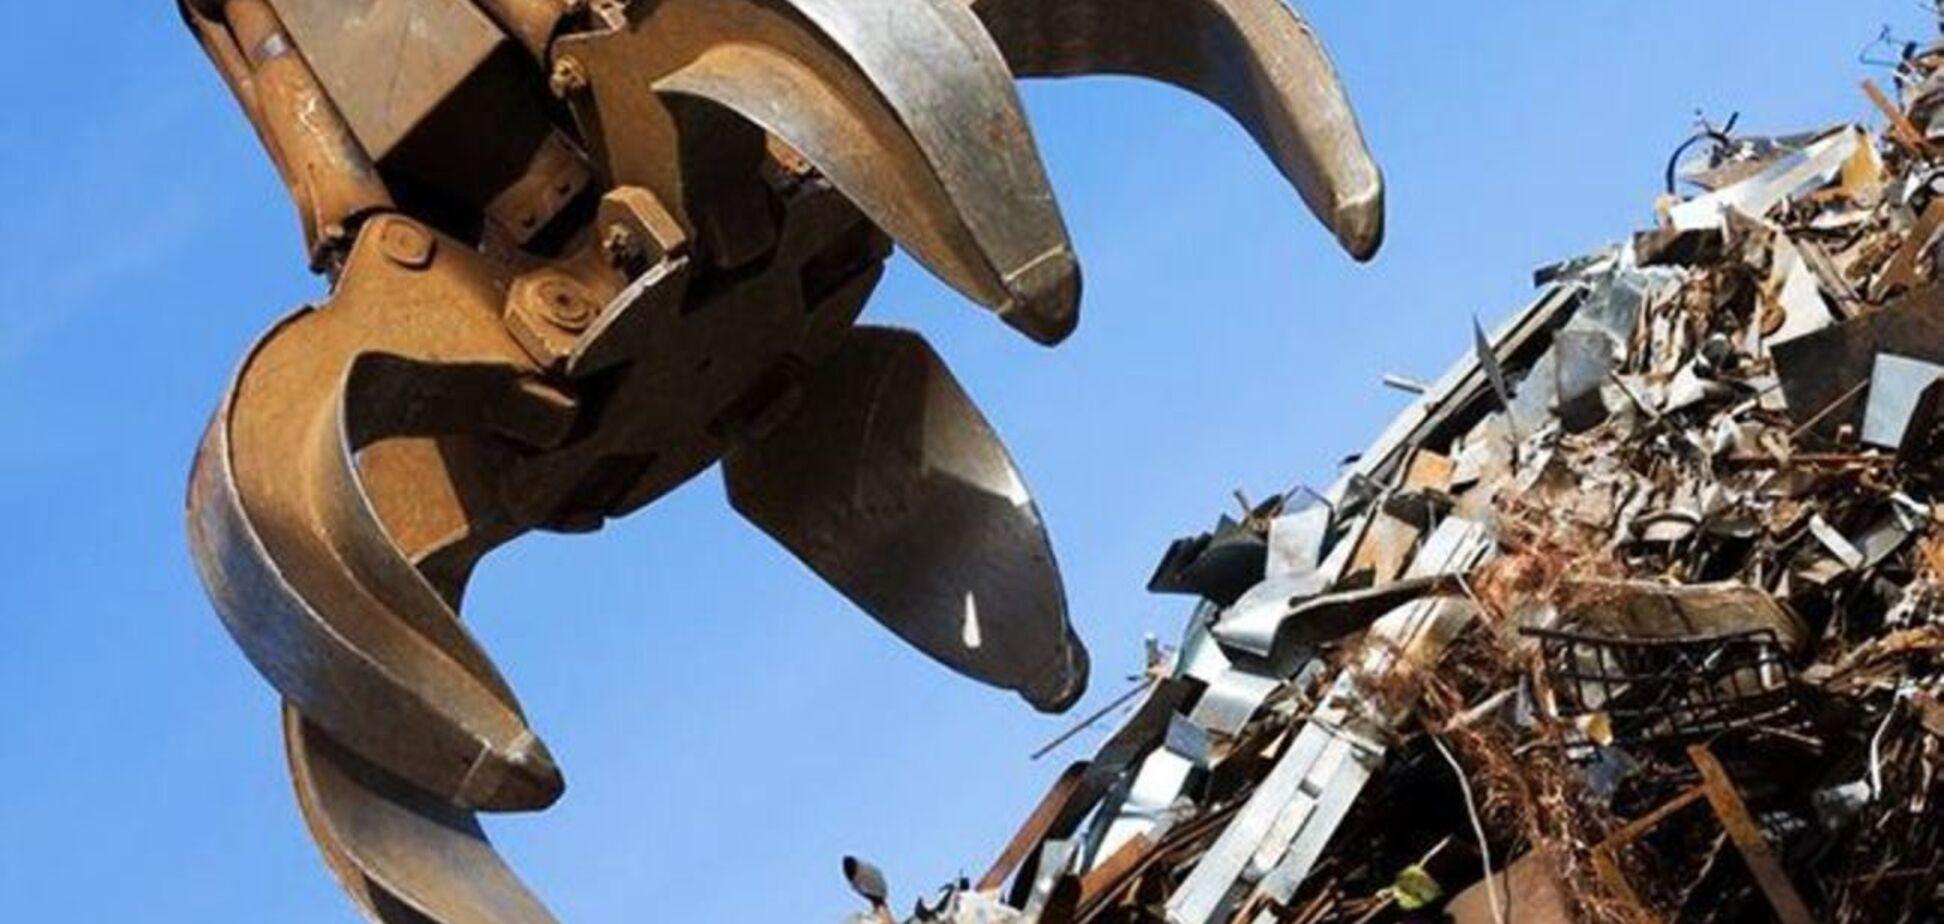 Украина должна ограничить экспорт лома, чтобы сохранить конкурентоспособность металлургии, – эксперт